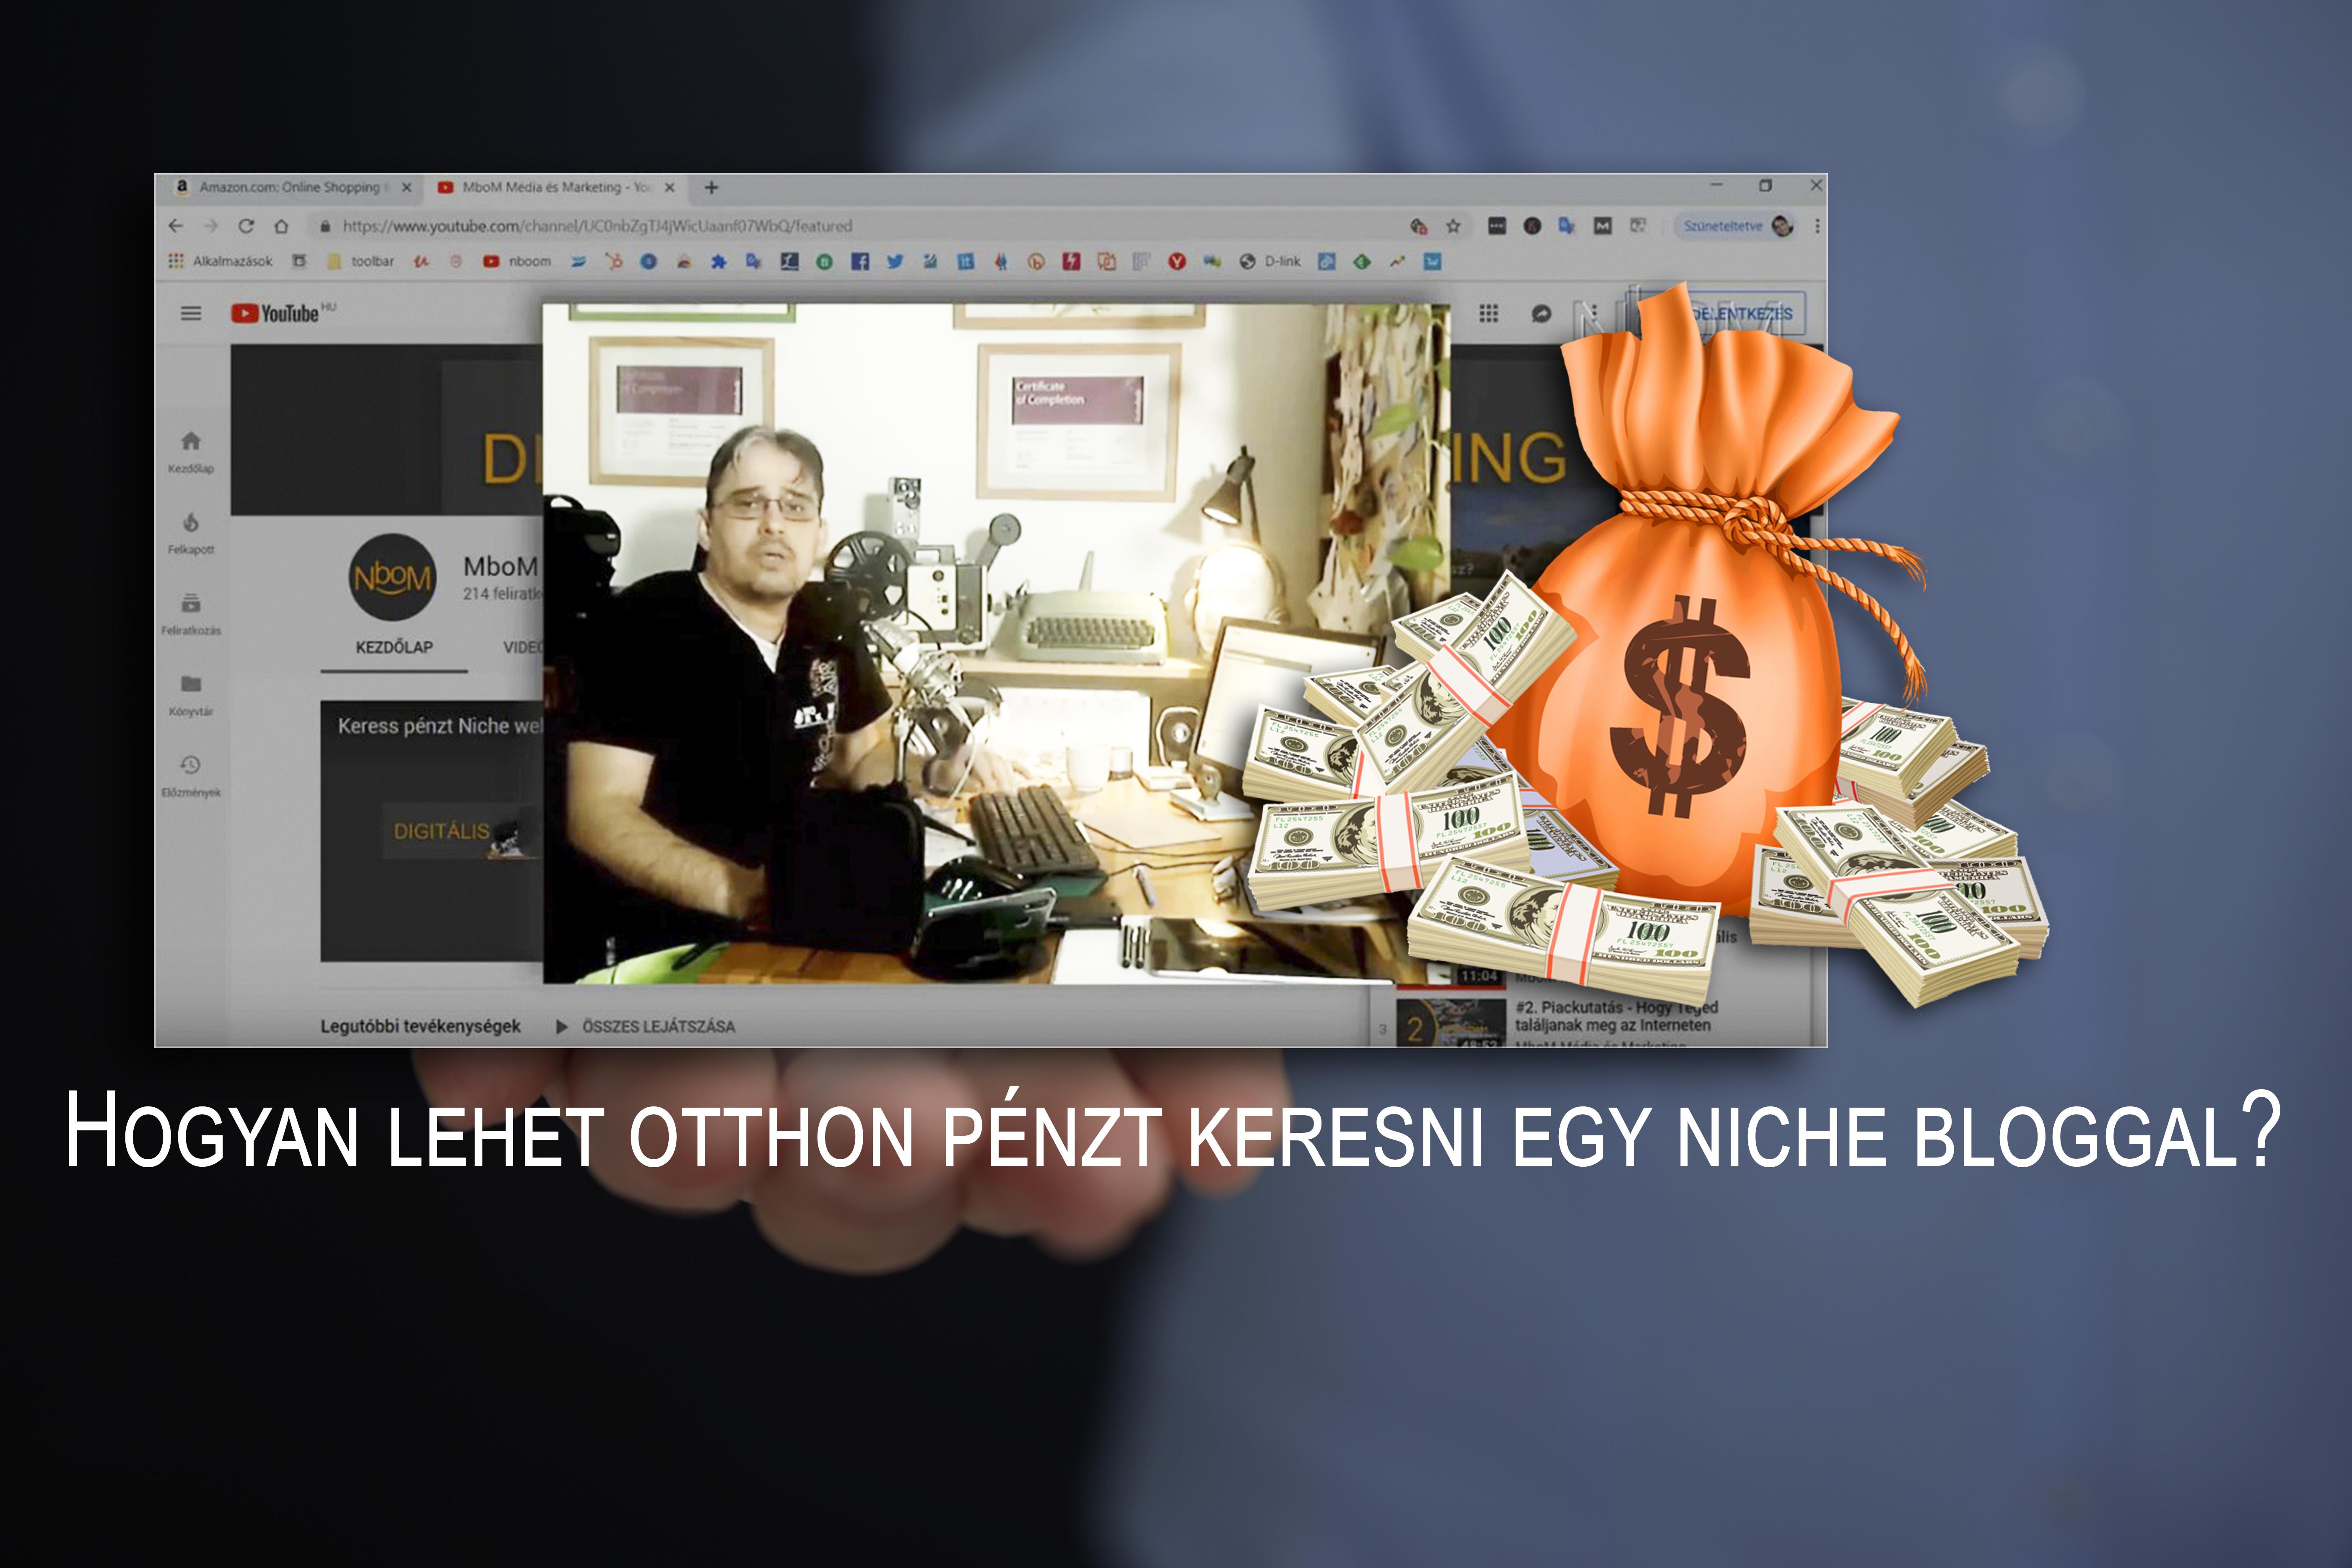 hogyan lehet pénzt keresni az internetes oldalakon